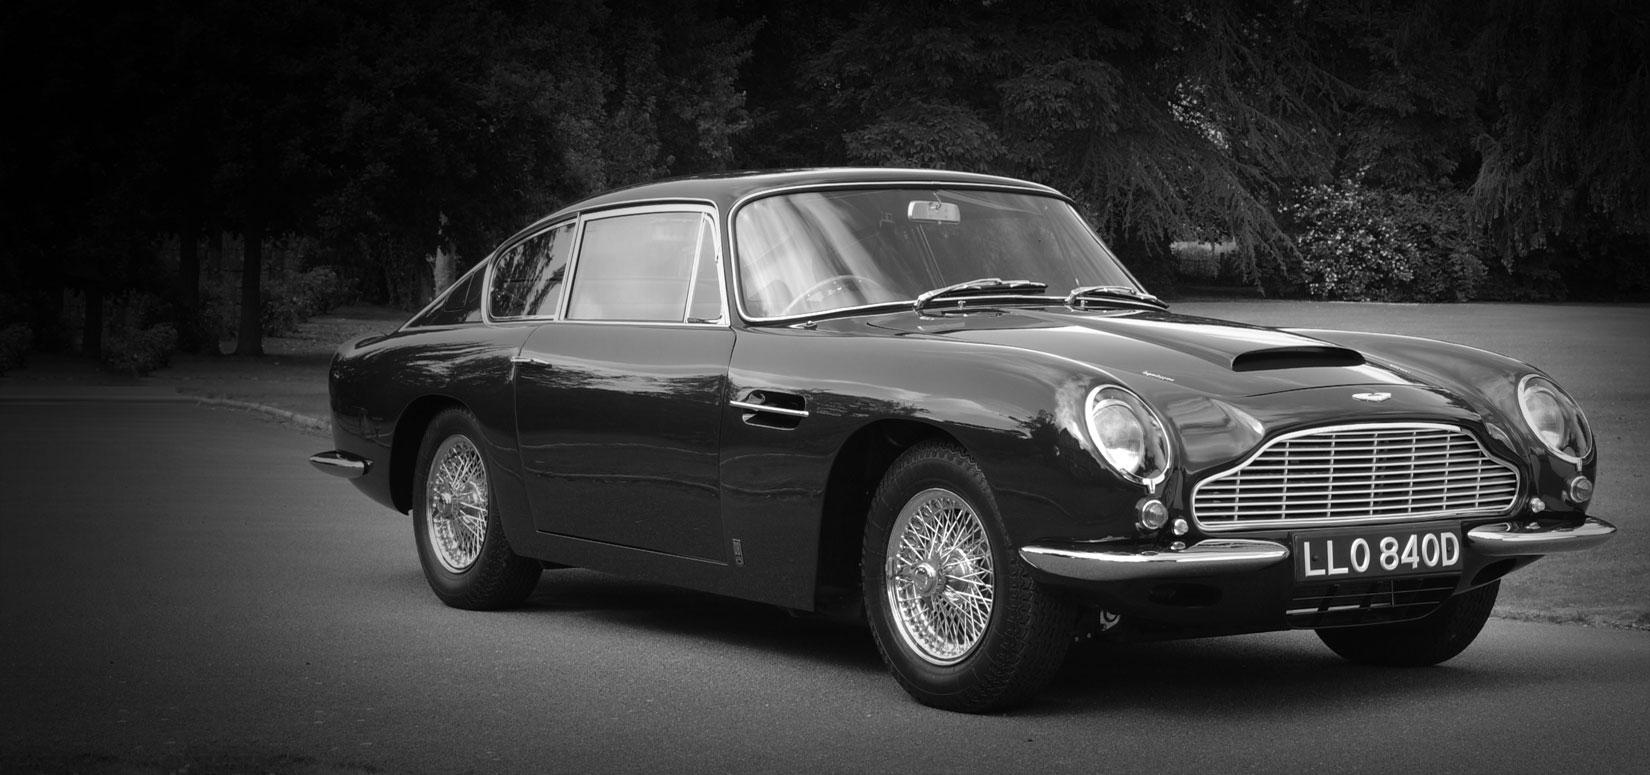 Aston Martin Heritage Gallery